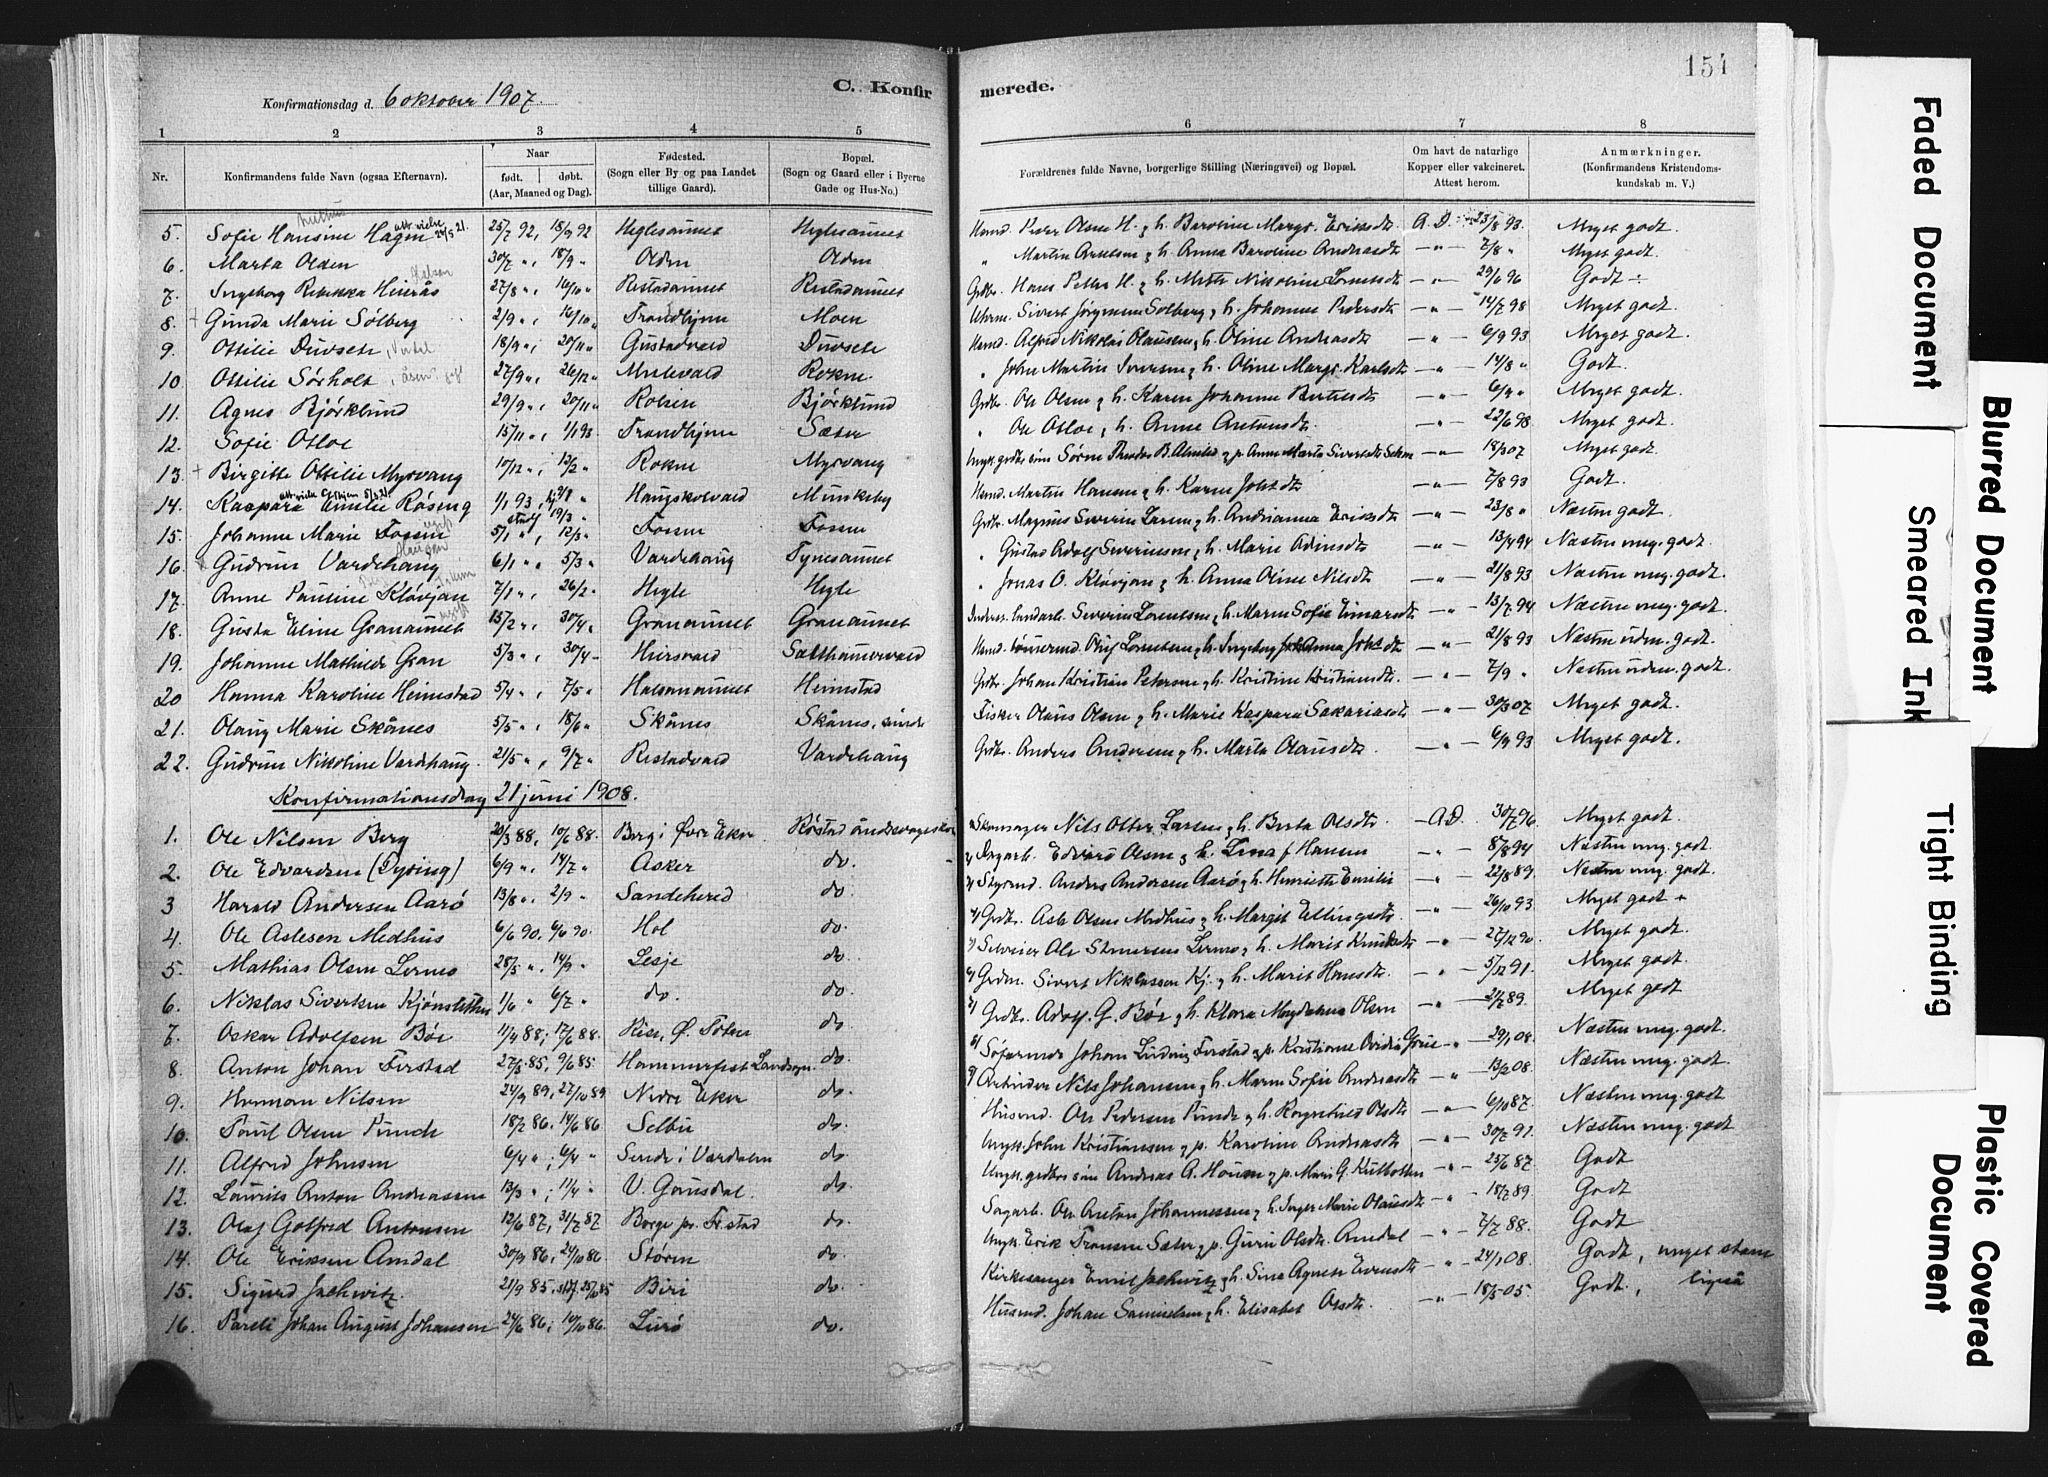 SAT, Ministerialprotokoller, klokkerbøker og fødselsregistre - Nord-Trøndelag, 721/L0207: Ministerialbok nr. 721A02, 1880-1911, s. 154